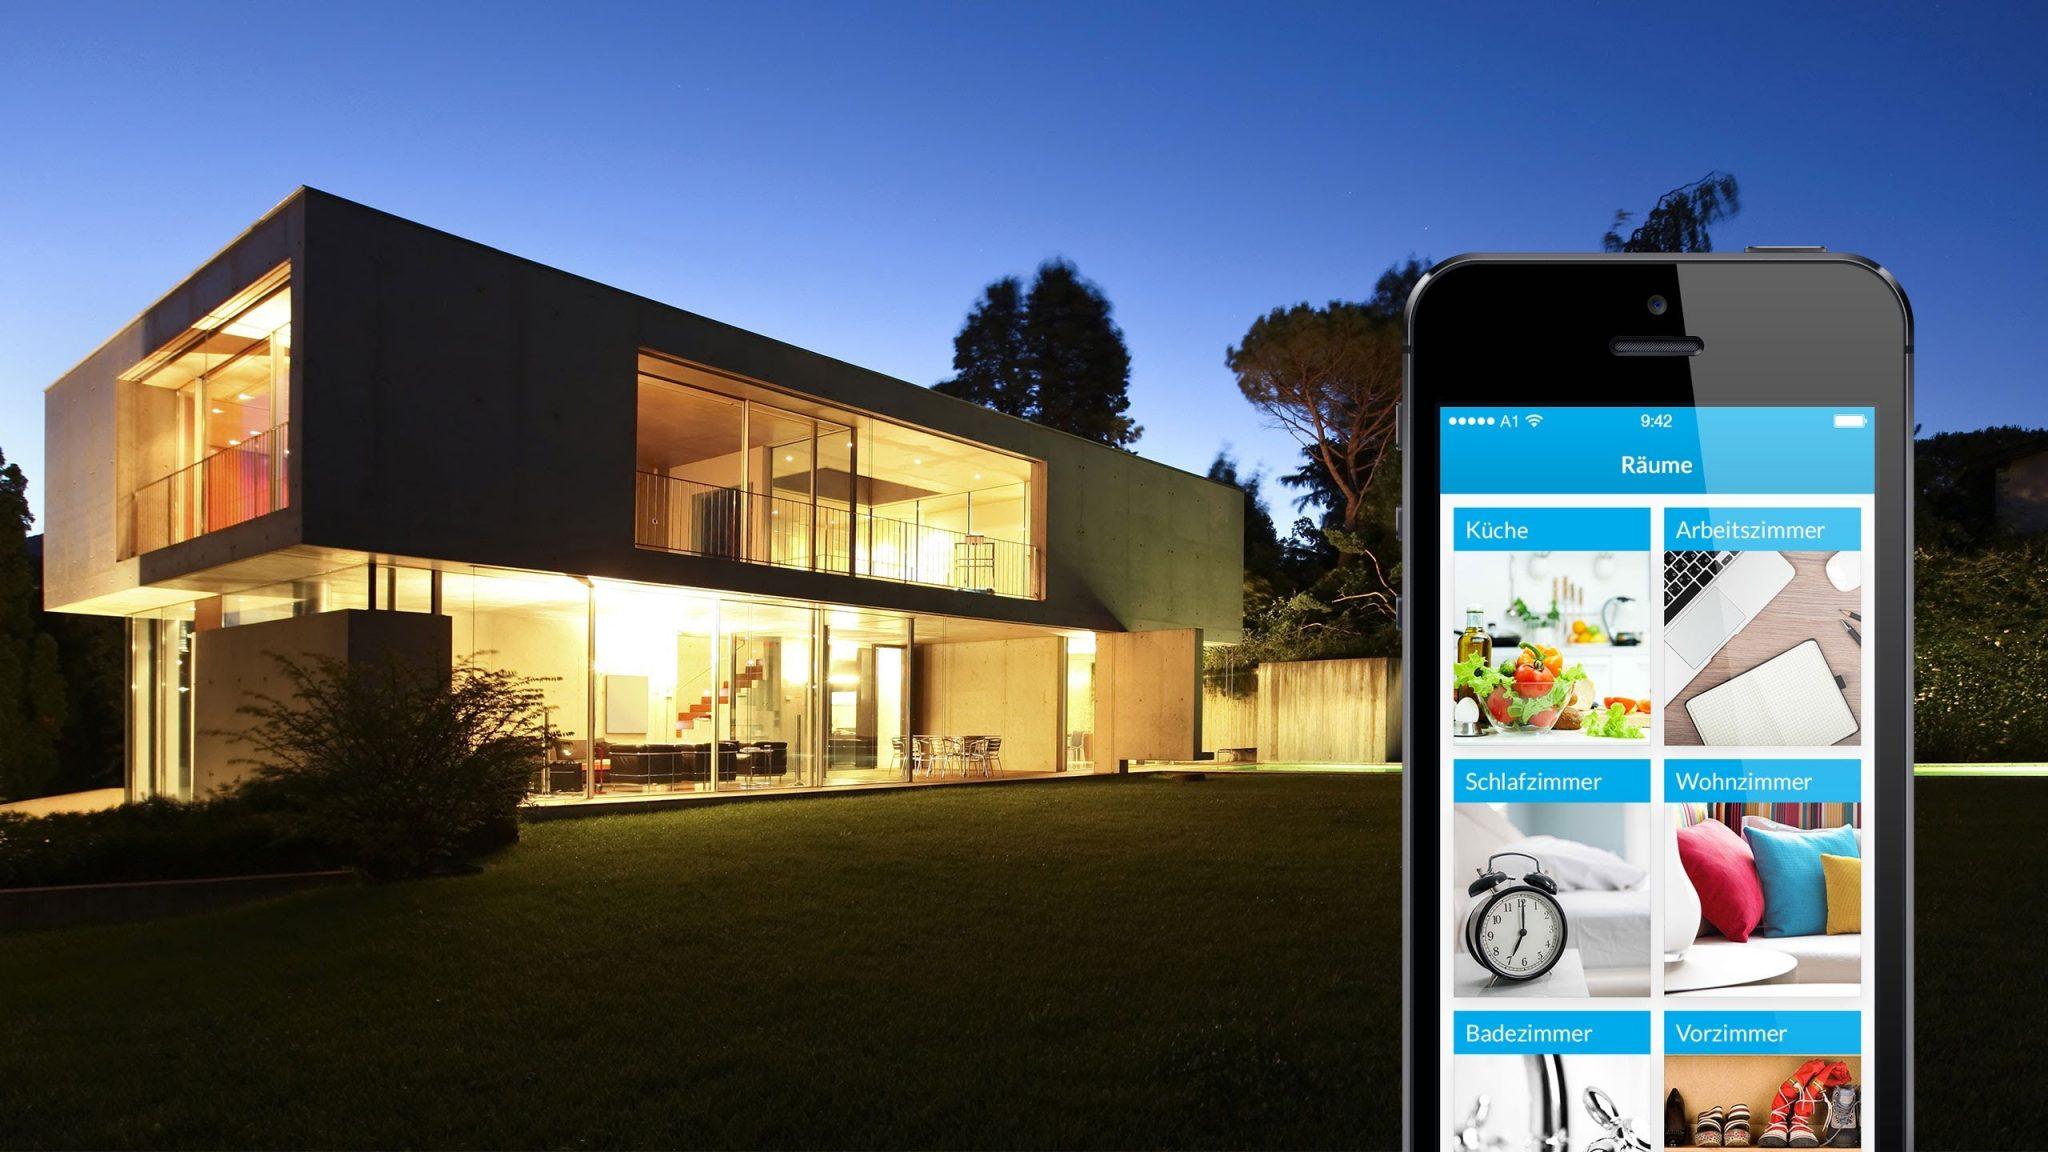 خانه هوشمند-درست مصرف کنیم - آموزش همگانی - آگاهی مصرف